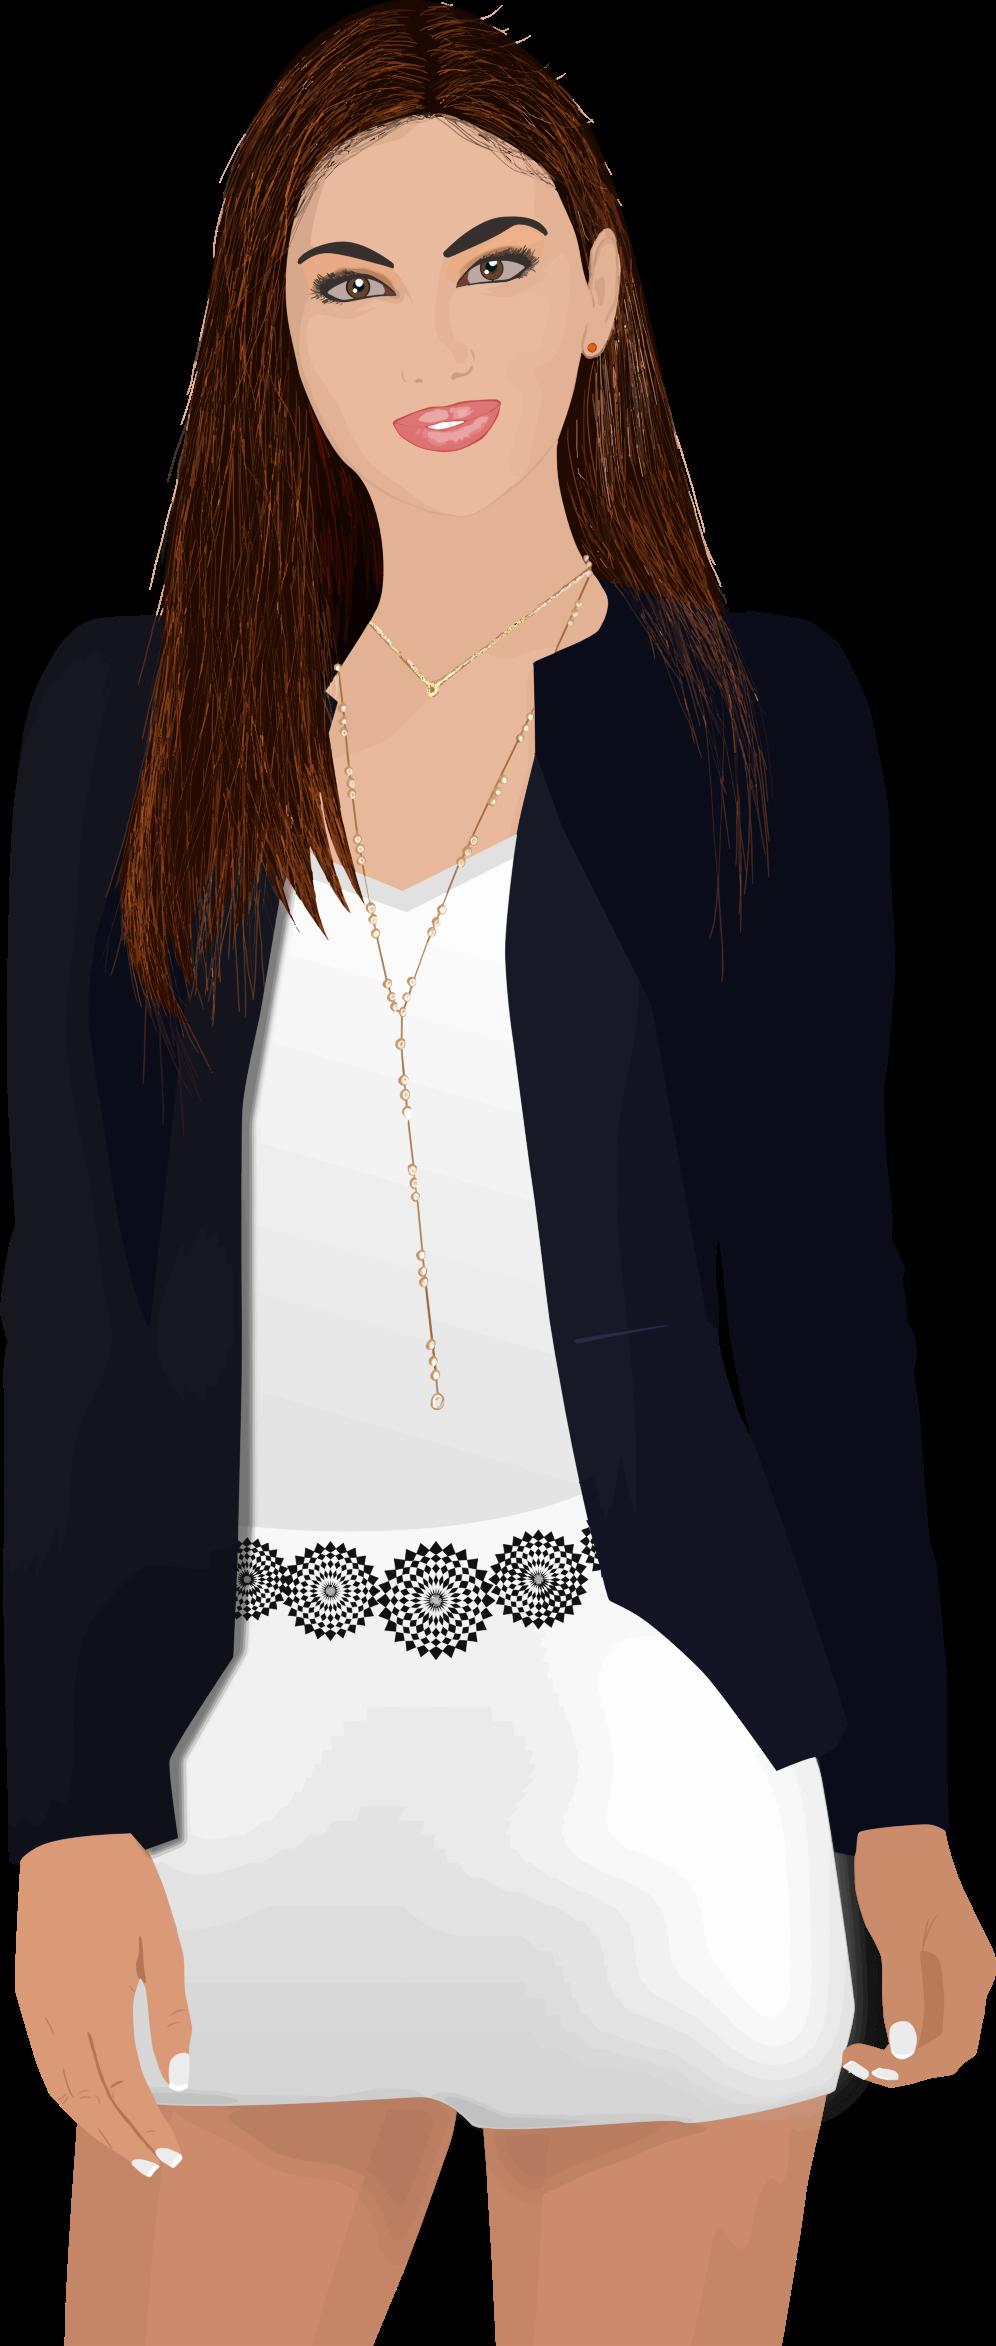 jpg transparent download Business portrait big image. Businesswoman clipart bussiness woman.